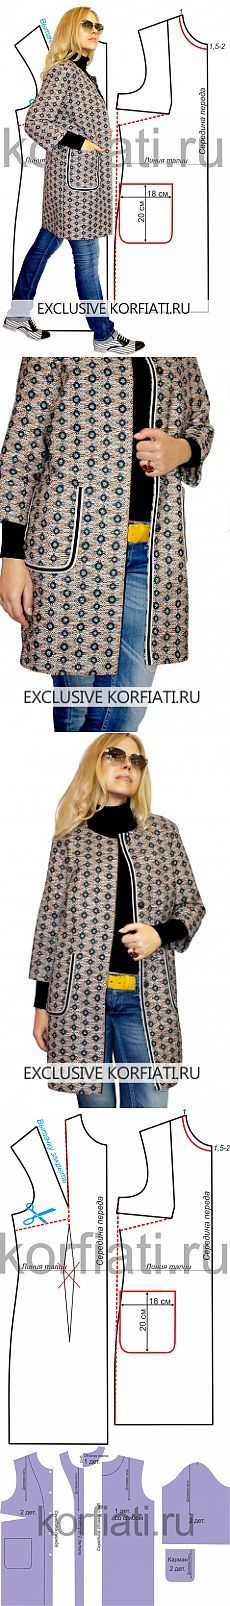 Выкройка легкого пальто от Анастасии Корфиати